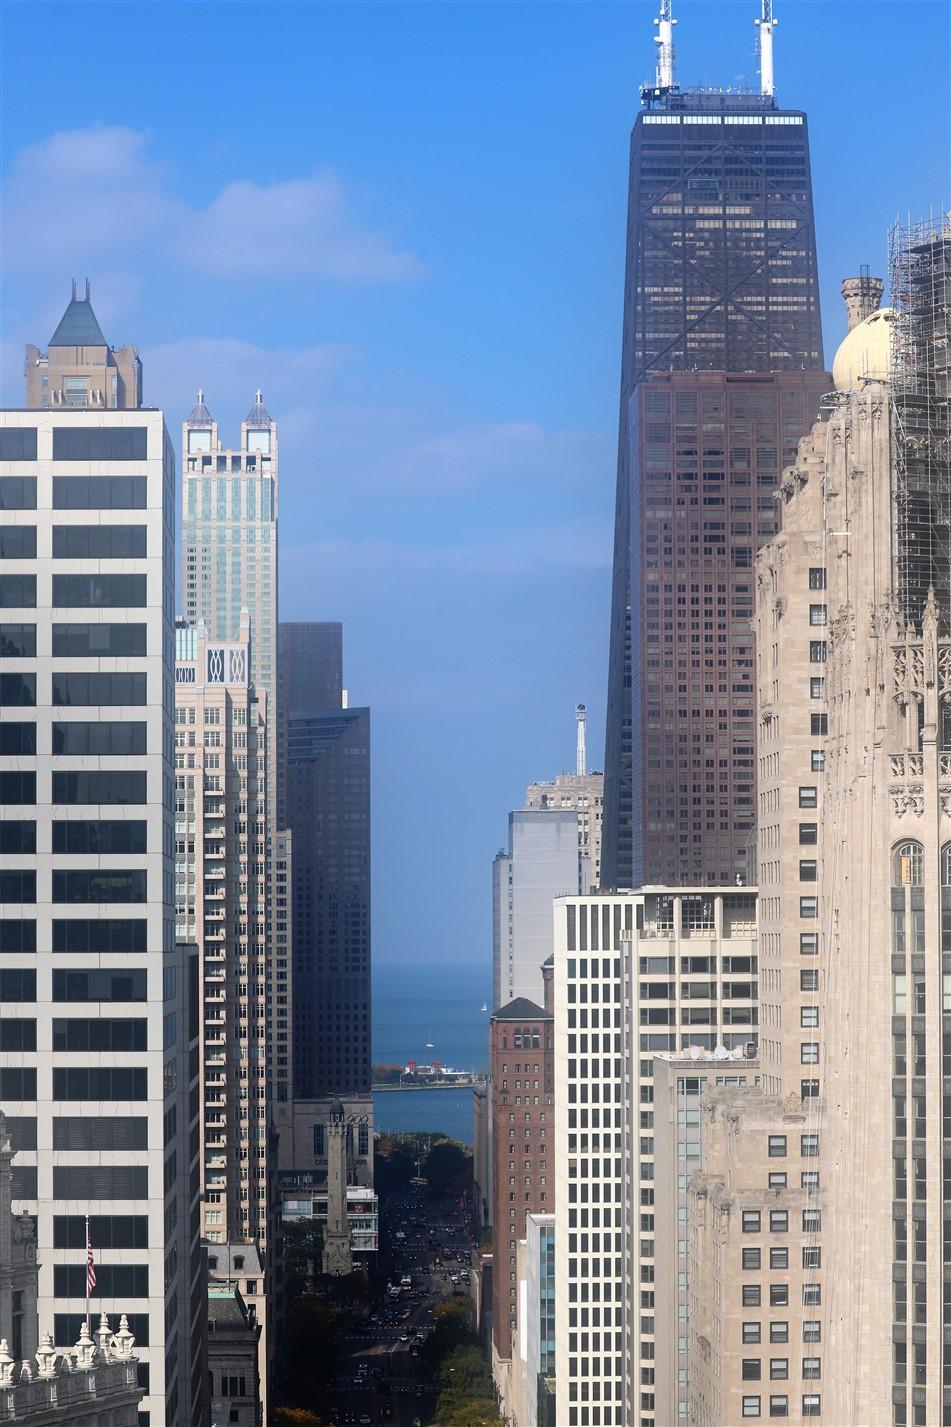 2018 10 14 525 Chicago Open House.jpg